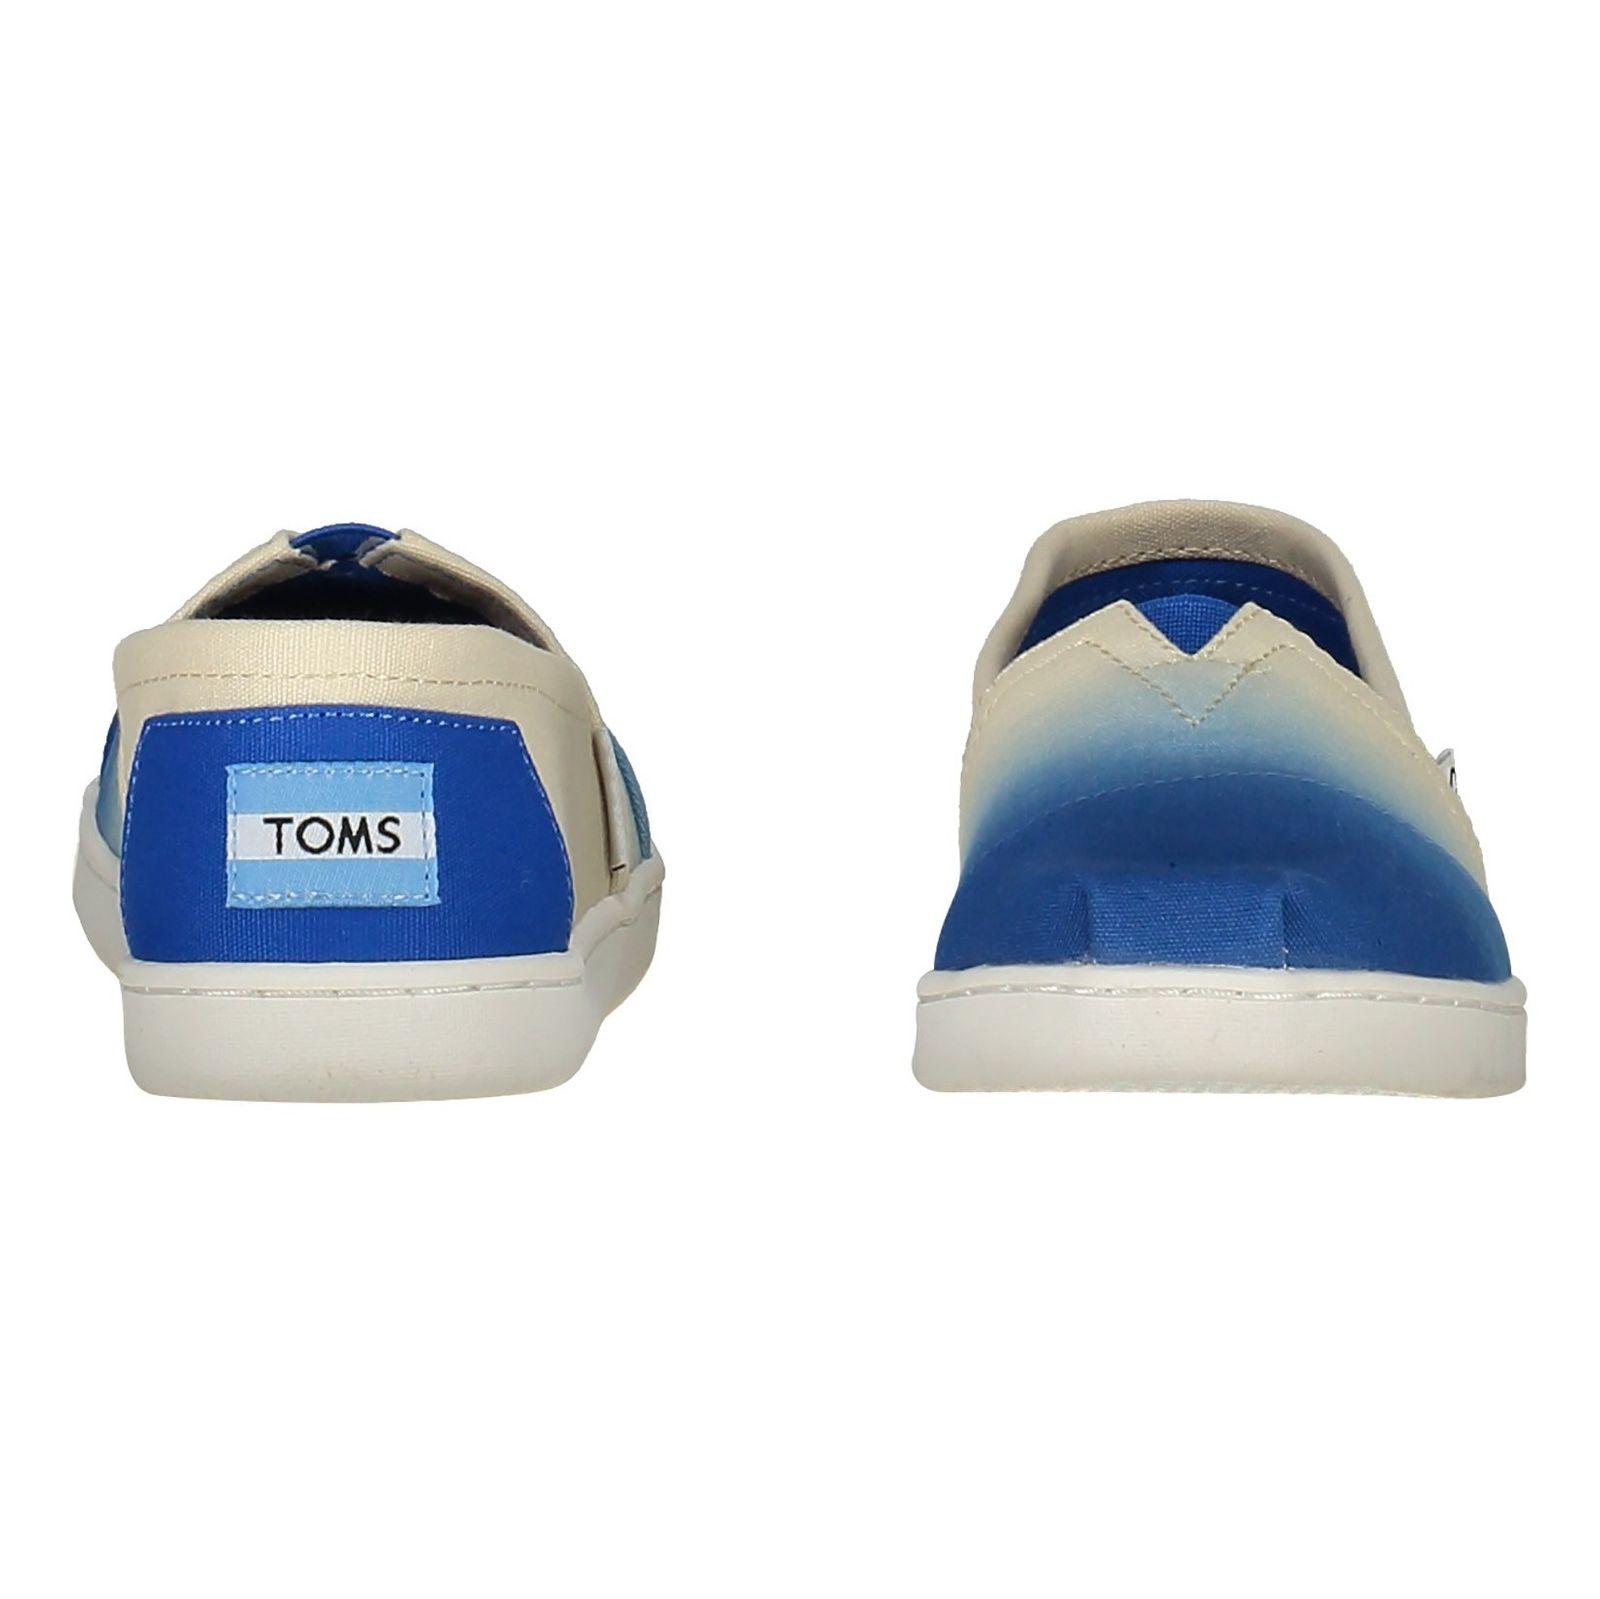 کفش راحتی نخی بچگانه - تامز - سفيد آبي - 5